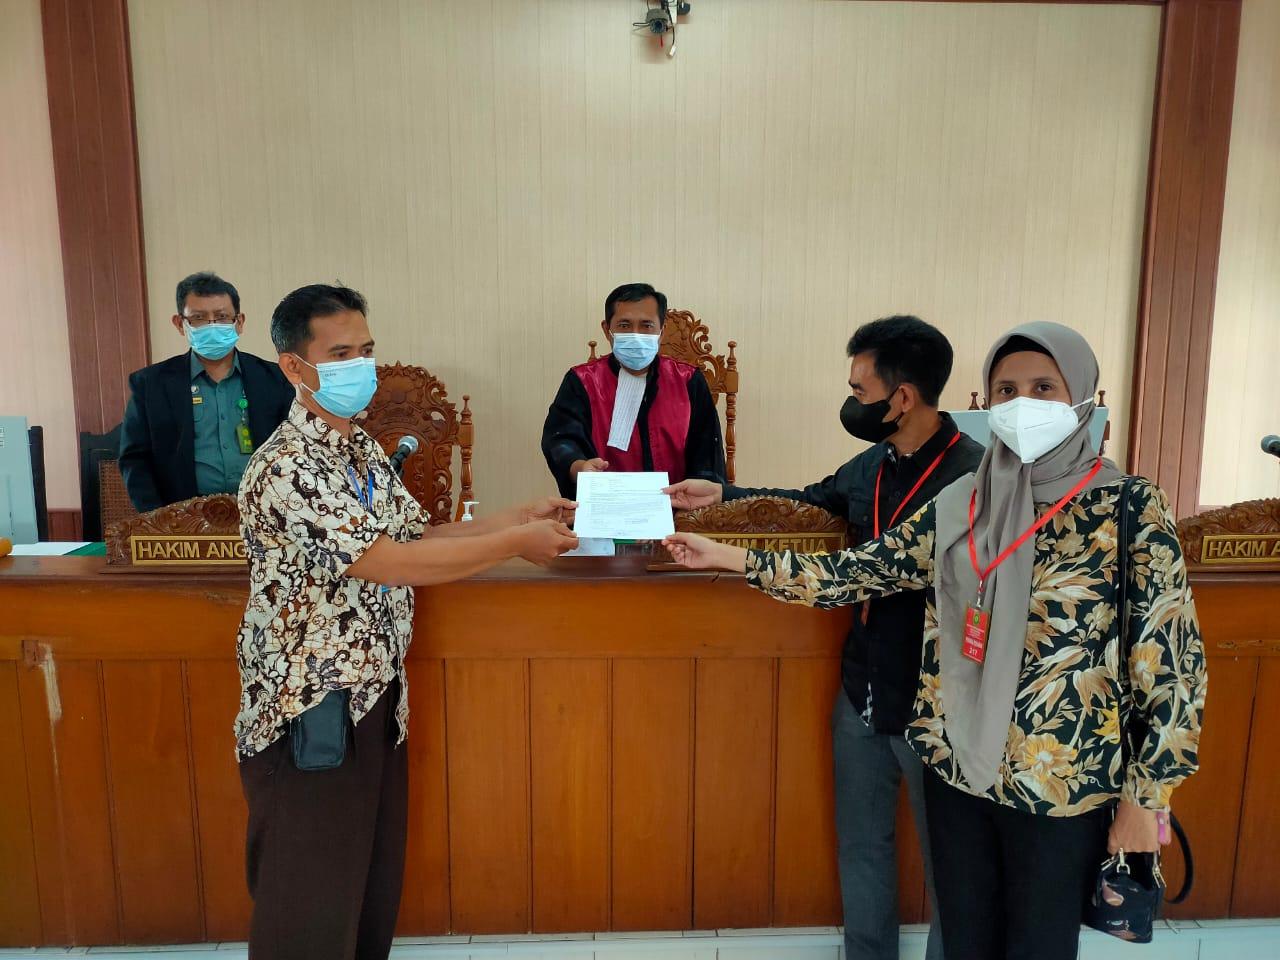 Hakim Mediator Pengadilan Negeri Surakarta Kelas IA Khusus Kembali  Berhasil Mendamaikan Pihak Bersengketa